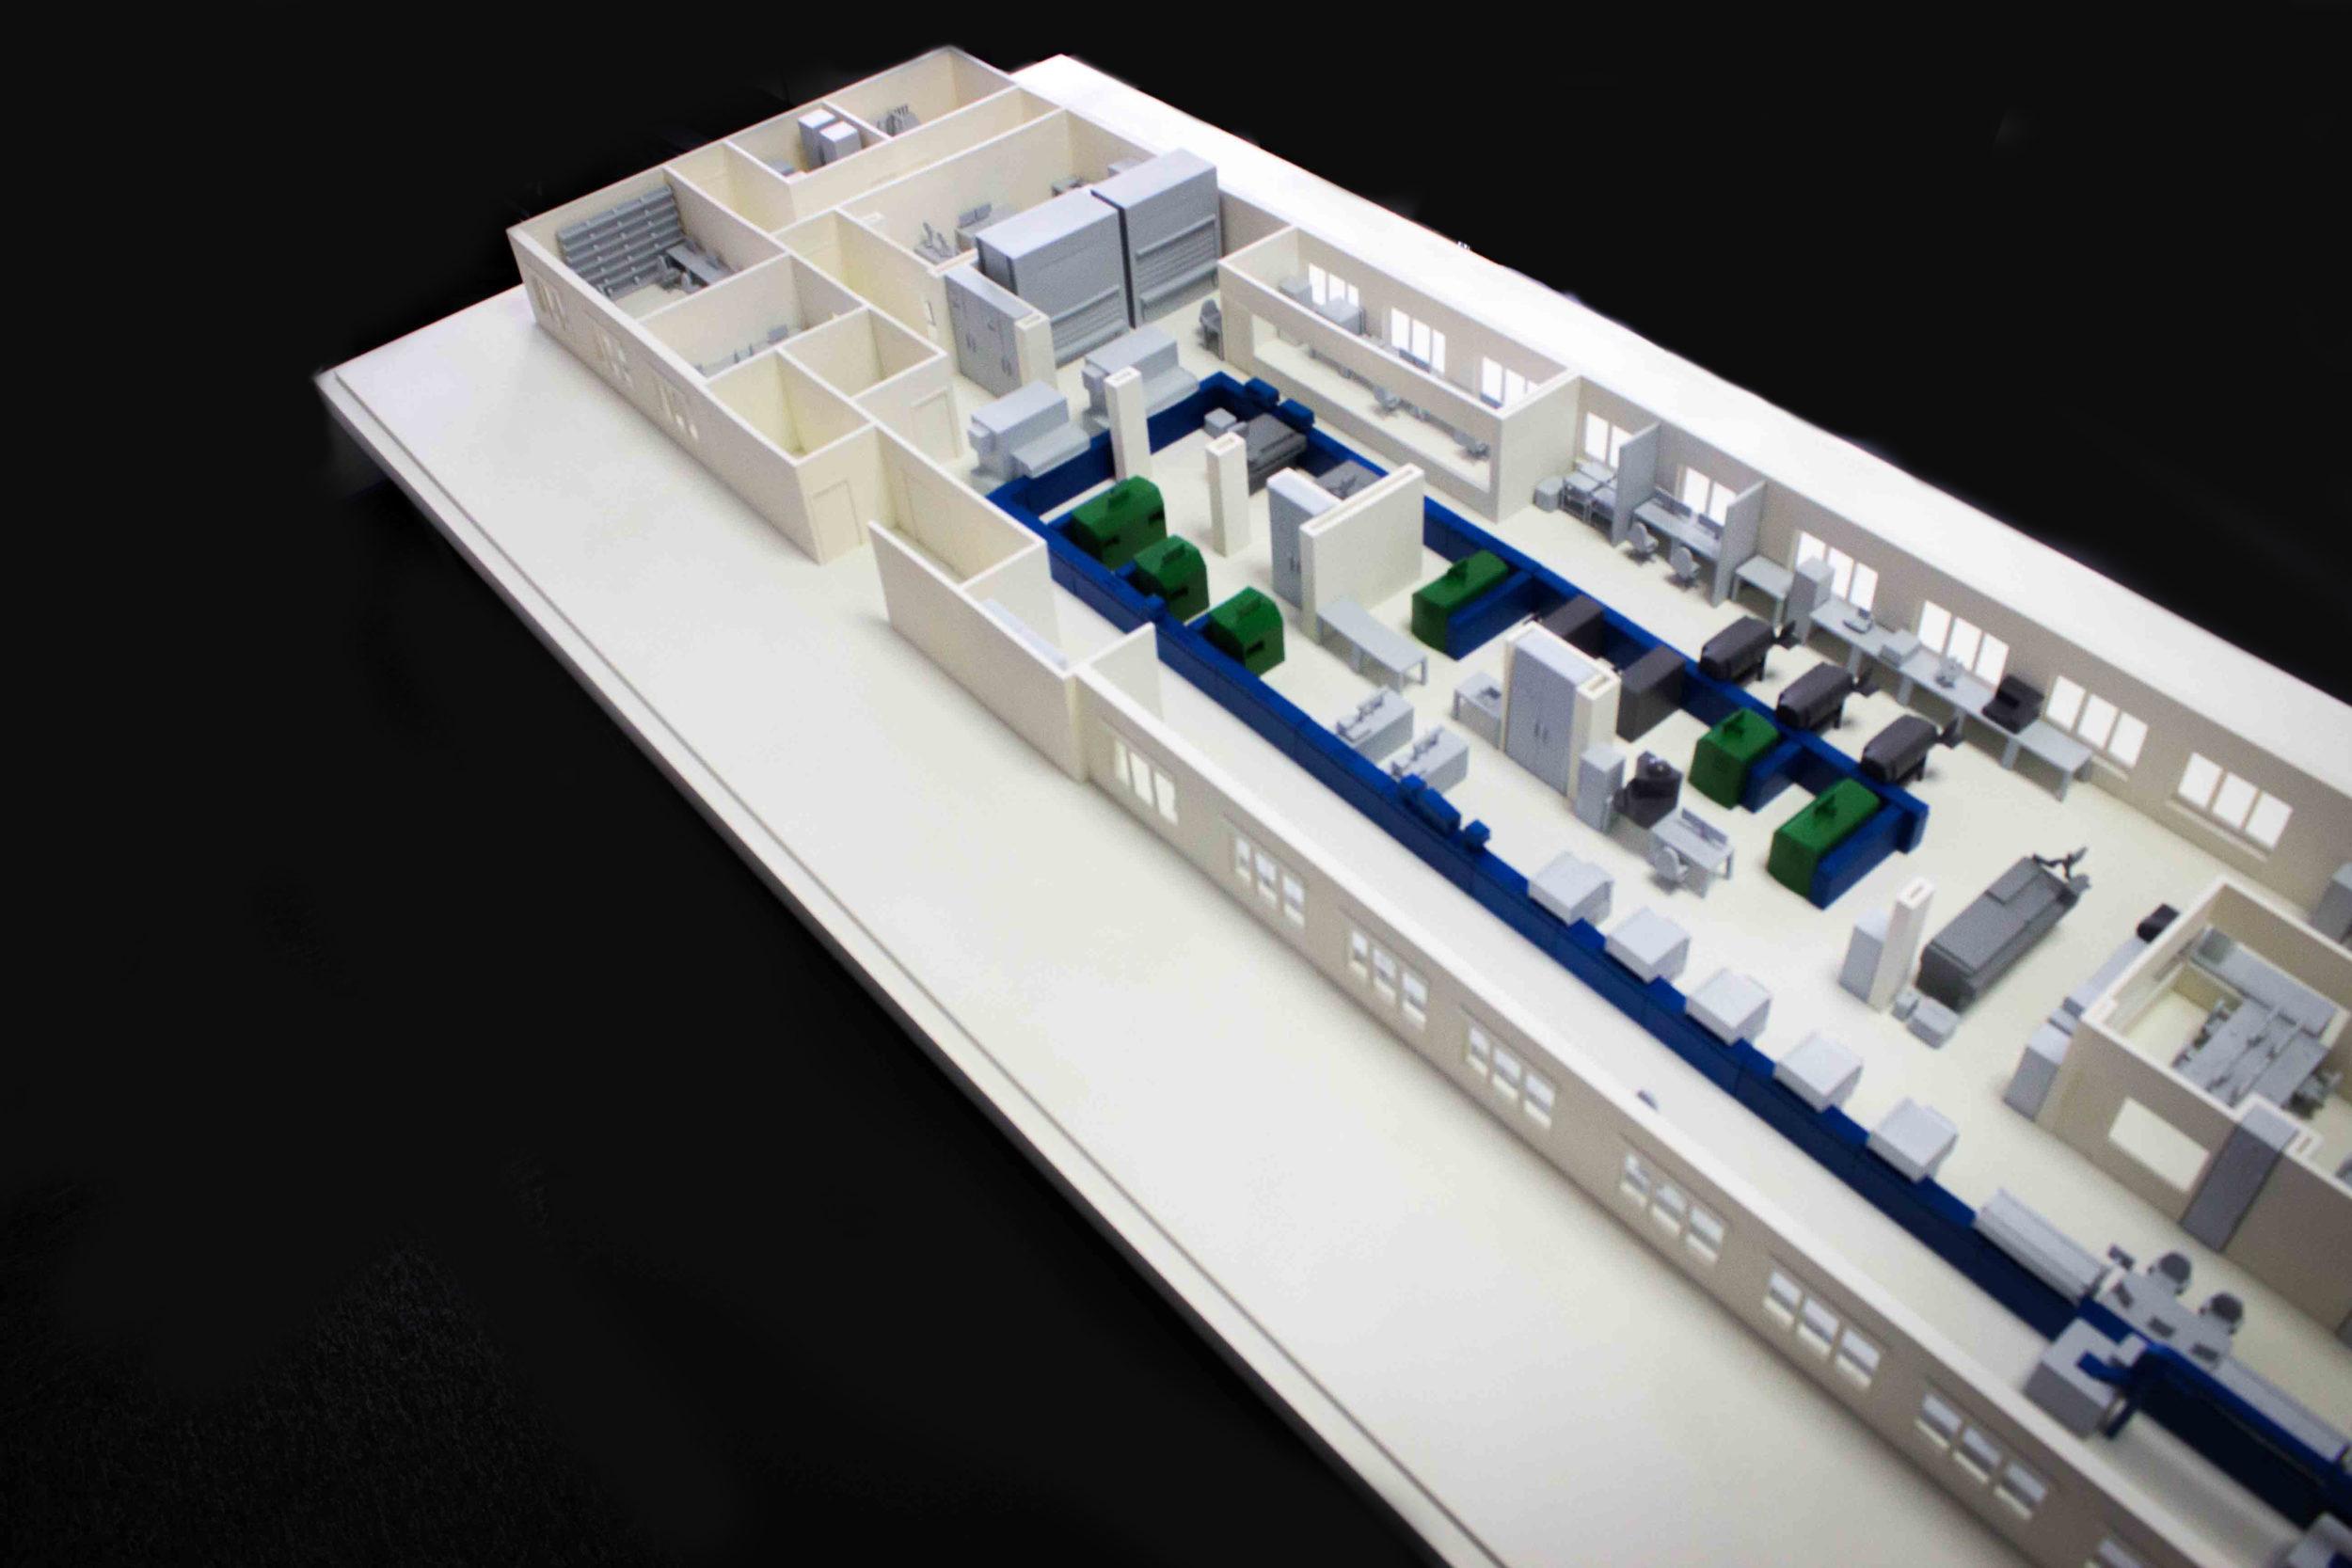 maquette-abbott-impression-3d Immobilier et impression 3D